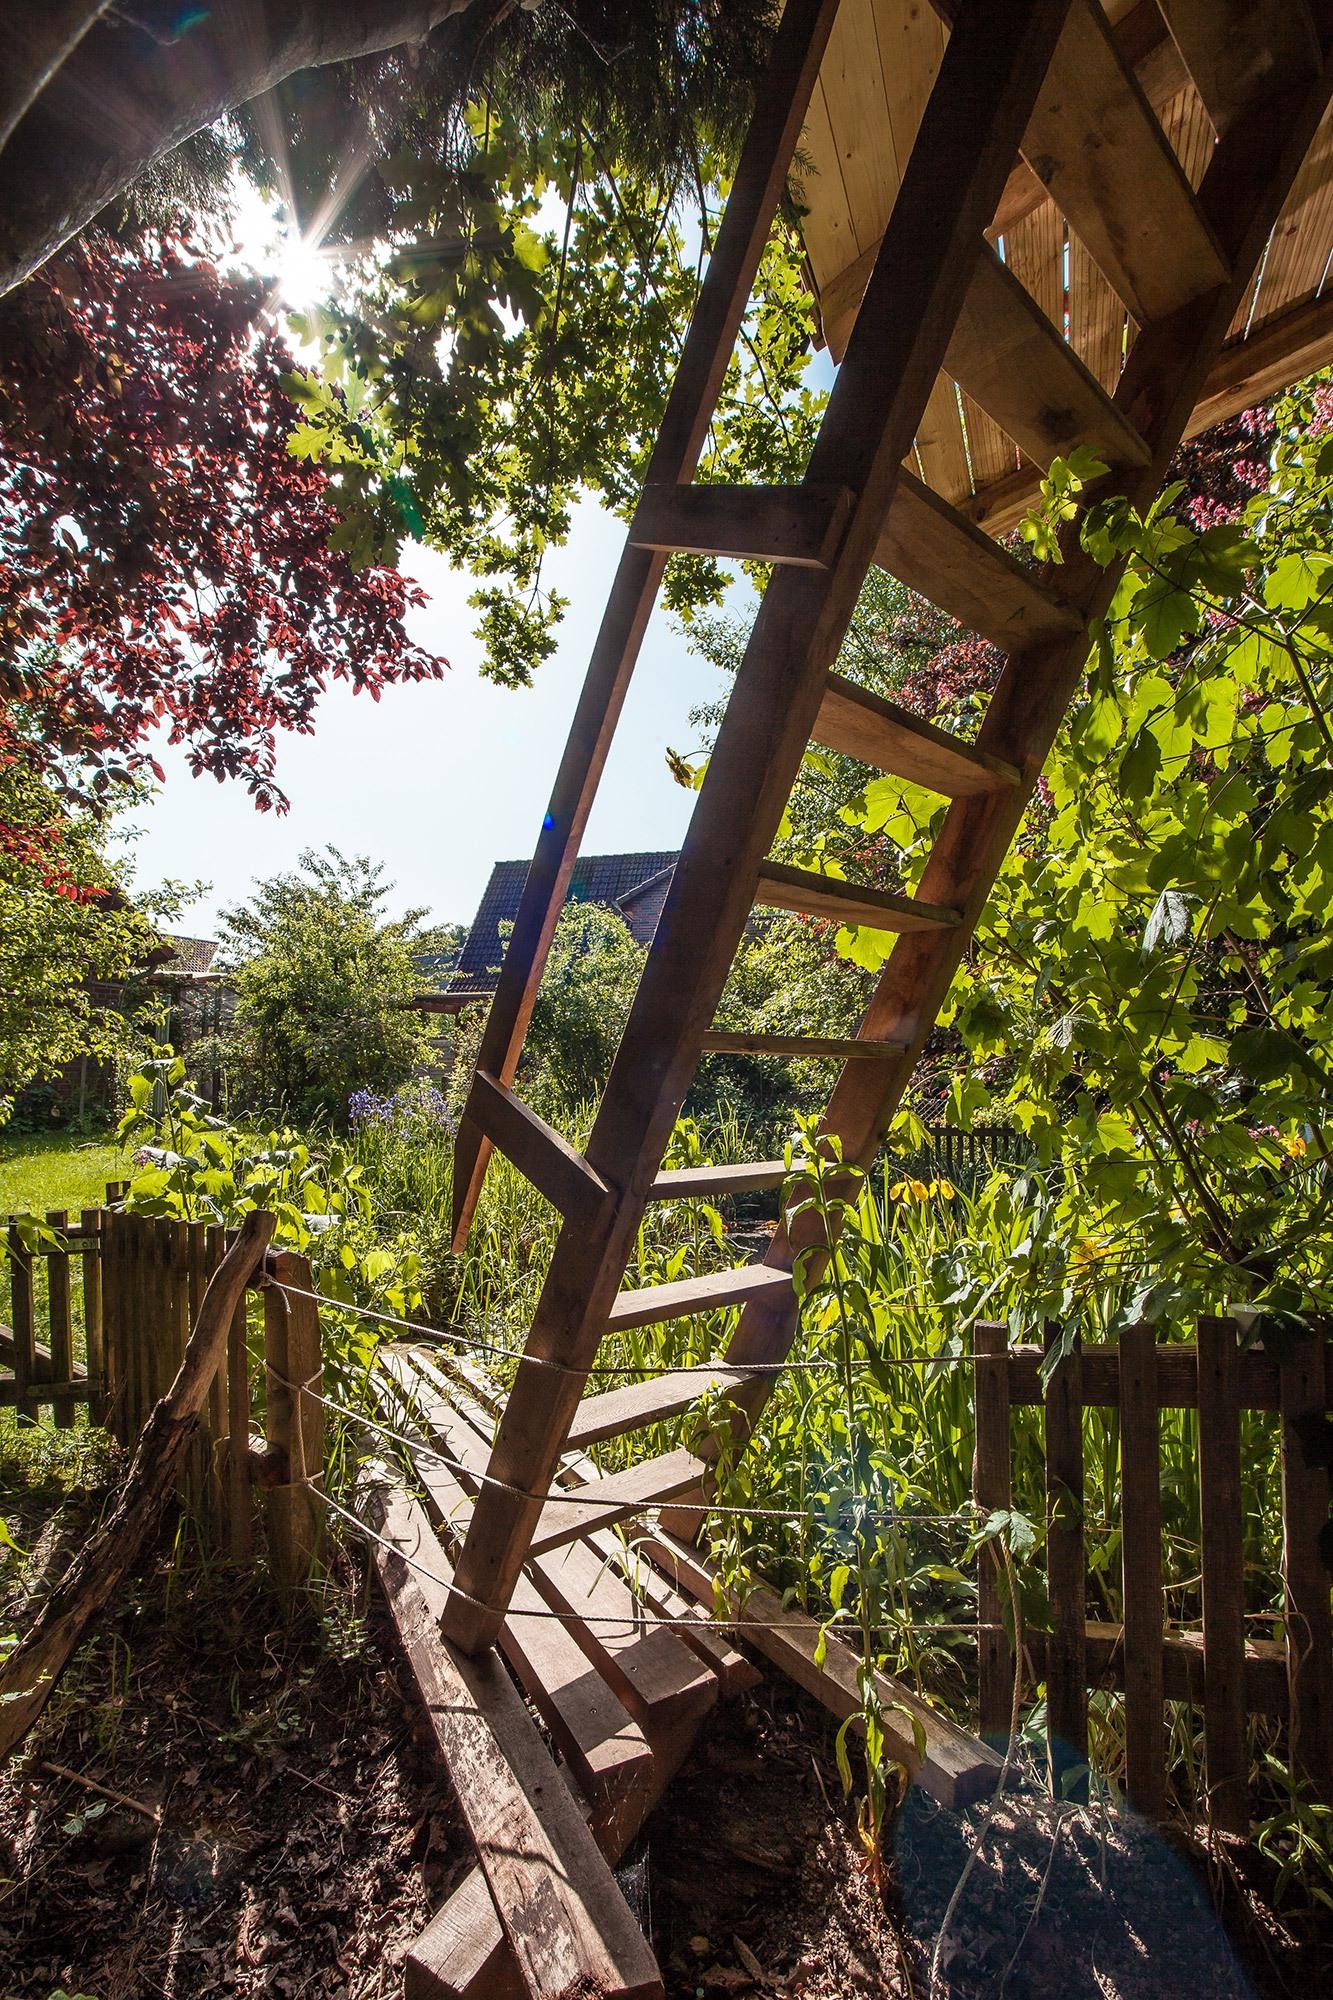 Baumhaus fr garten simple fr kinder ist ein baumhaus die erfllung eines traumes bilder baumhaus - Baumhaus garten ...